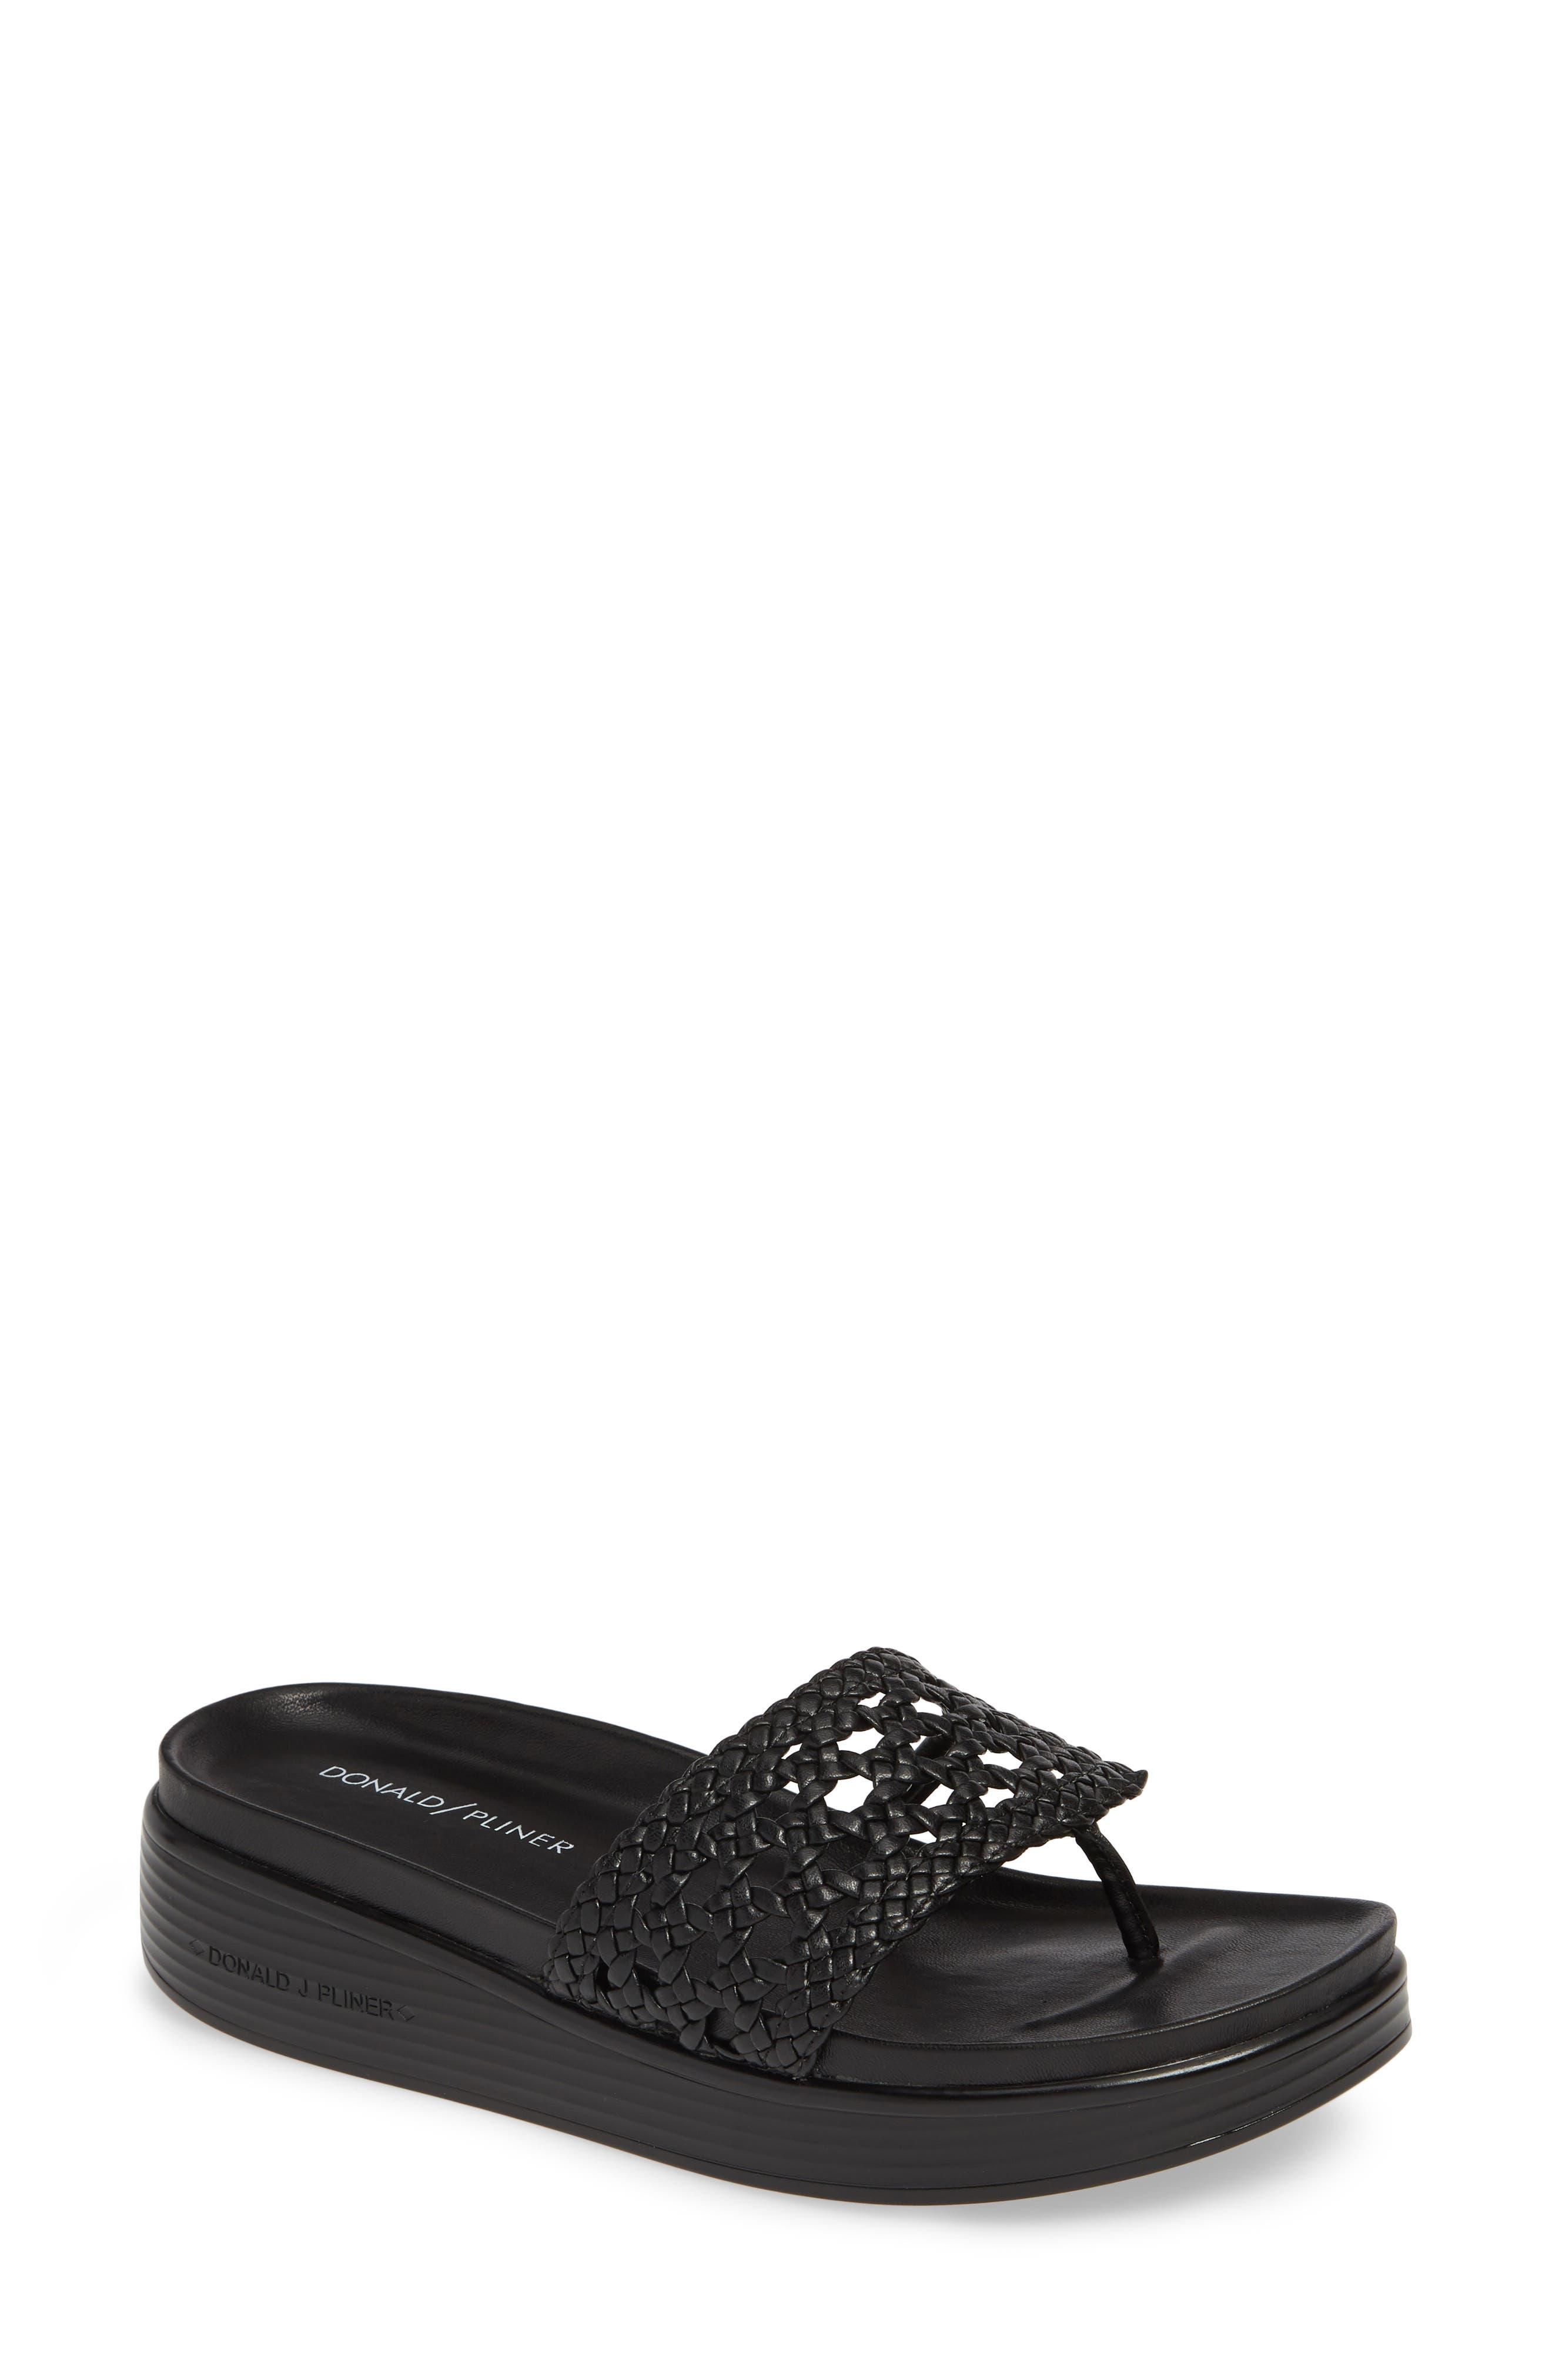 ad839dc6db4 Women s Donald Pliner Shoes